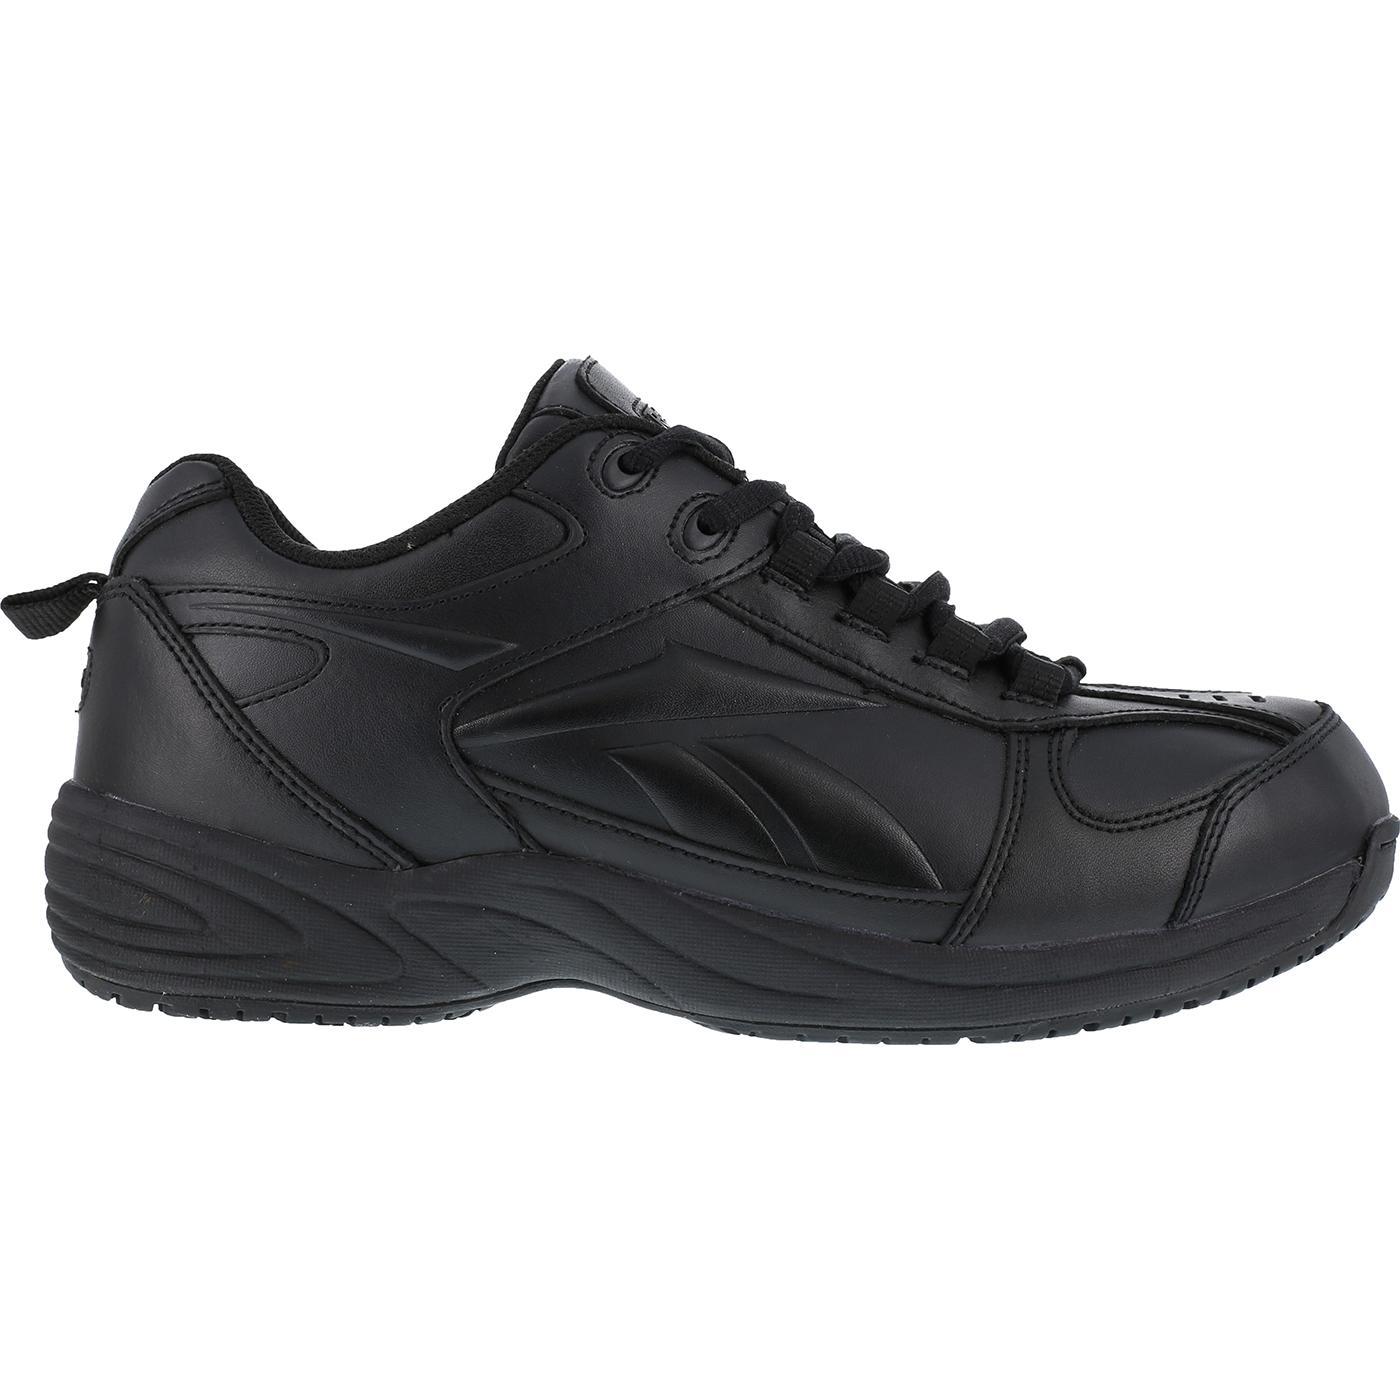 slip resistant locut athletic work shoe by reebok rb1100